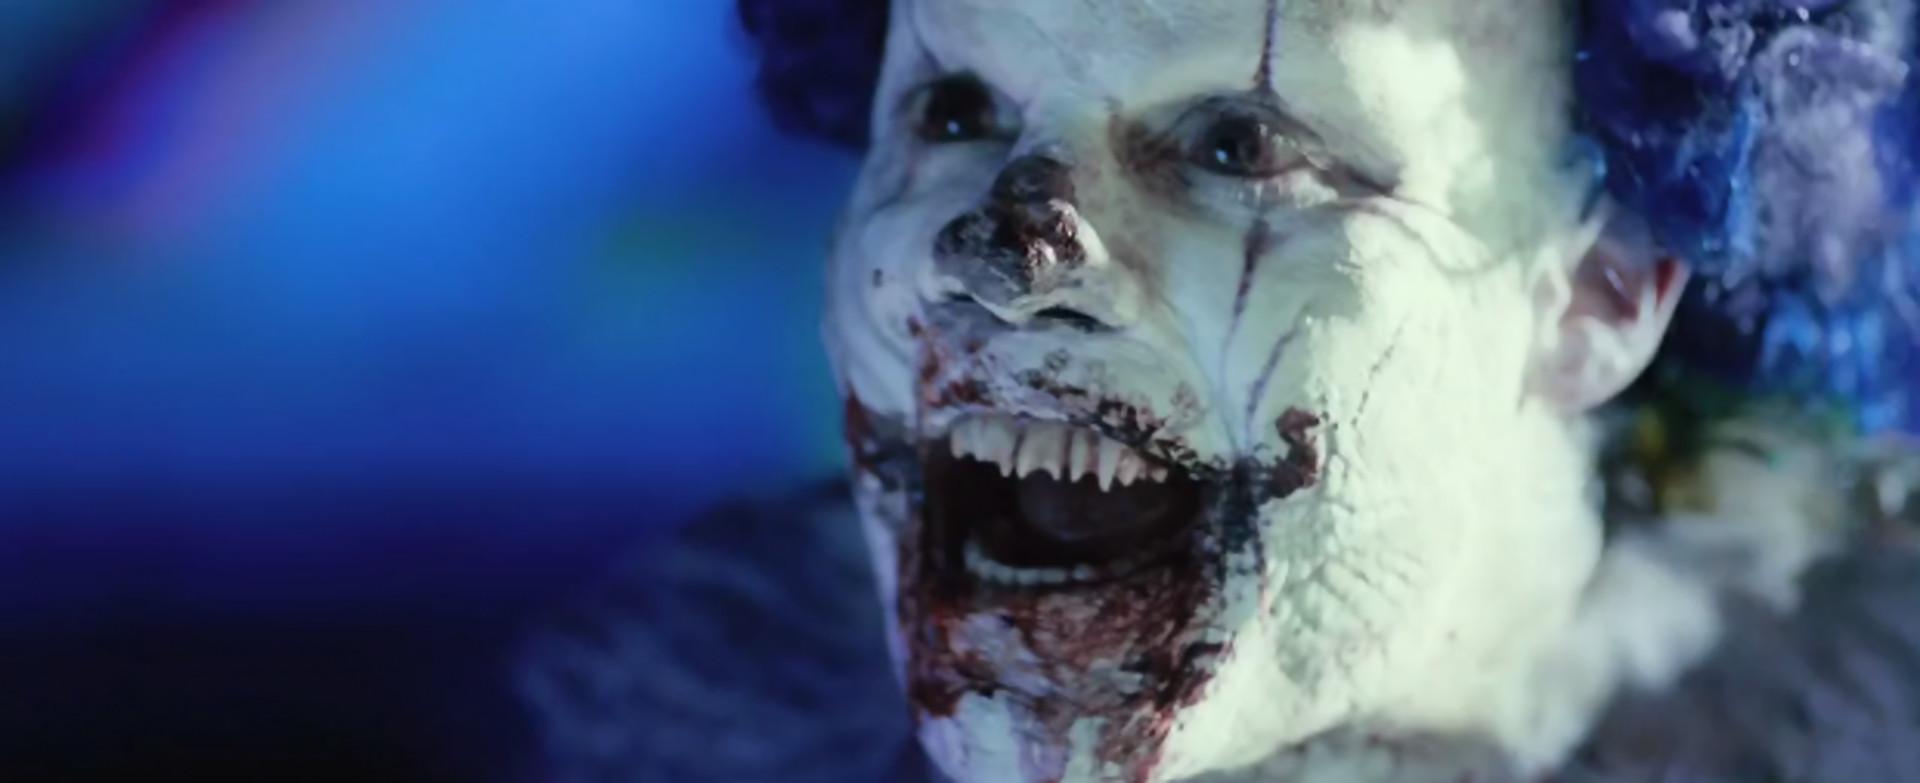 Clown 2. kép